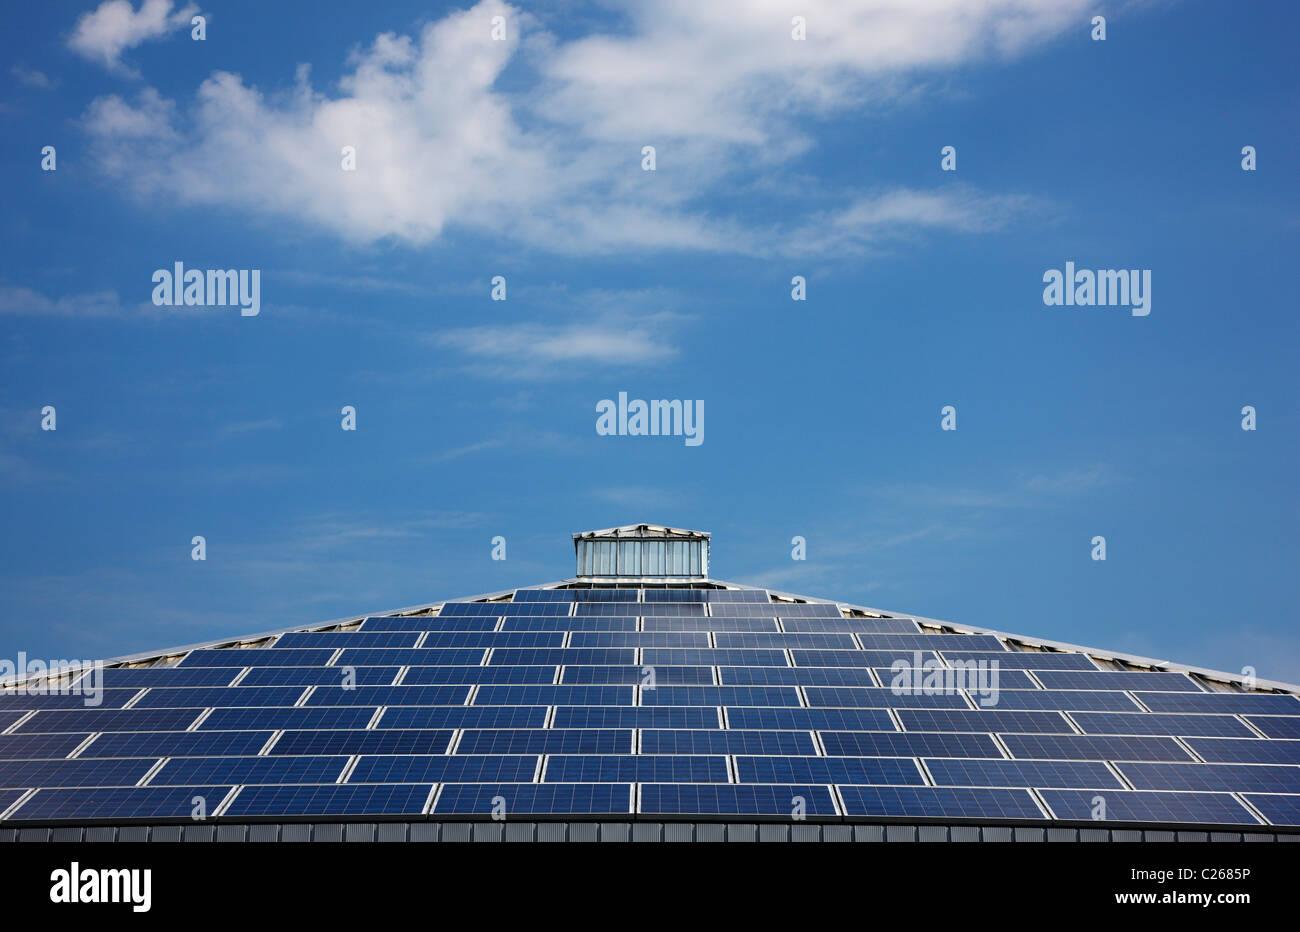 Toit d'un bâtiment avec des panneaux solaires. Ciel bleu, conception pyramidale. L'Allemagne. Photo Stock